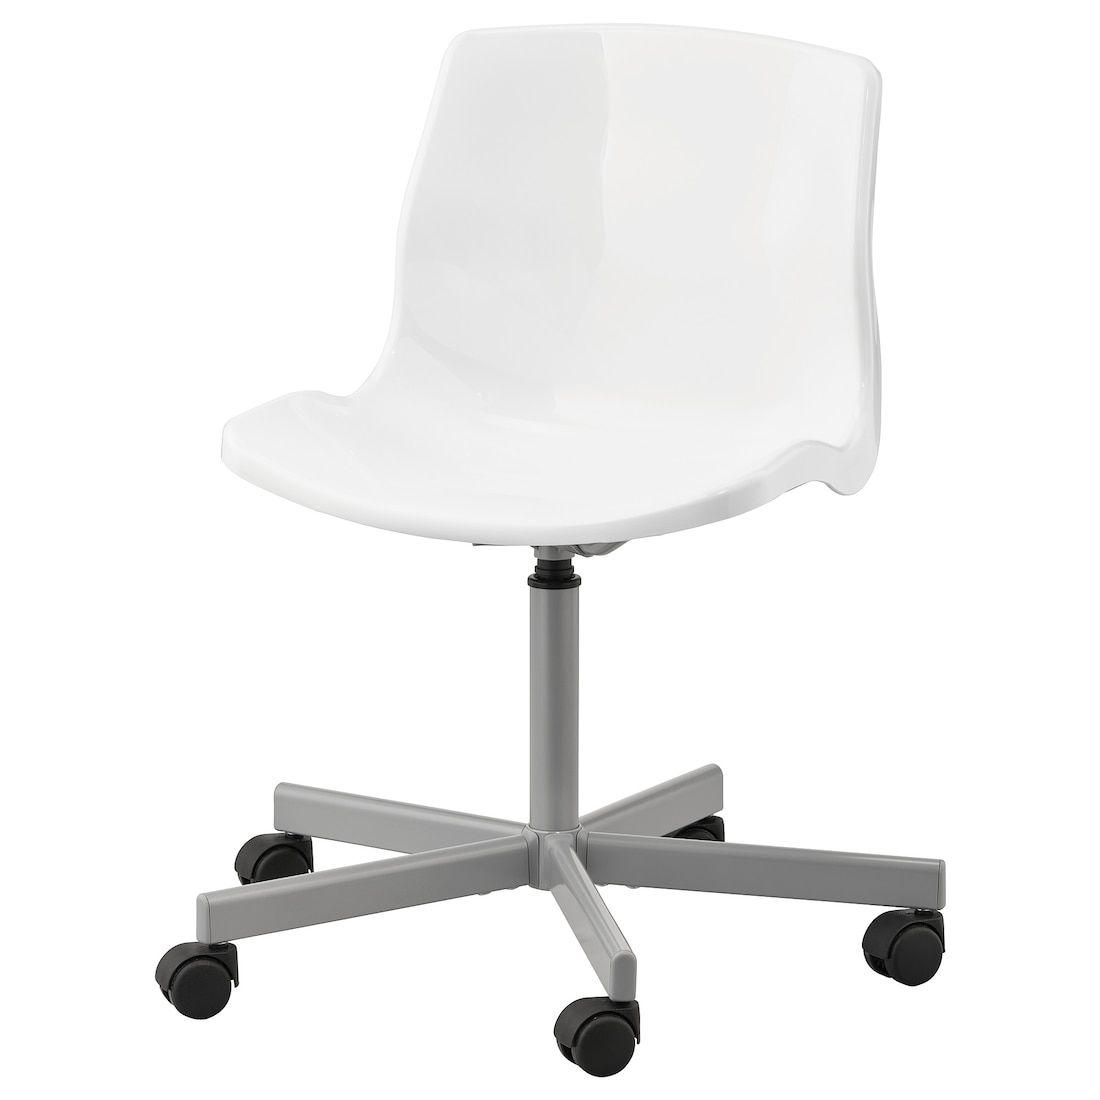 SNILLE Chaise pivotante - blanc - IKEA  Chaises pivotantes